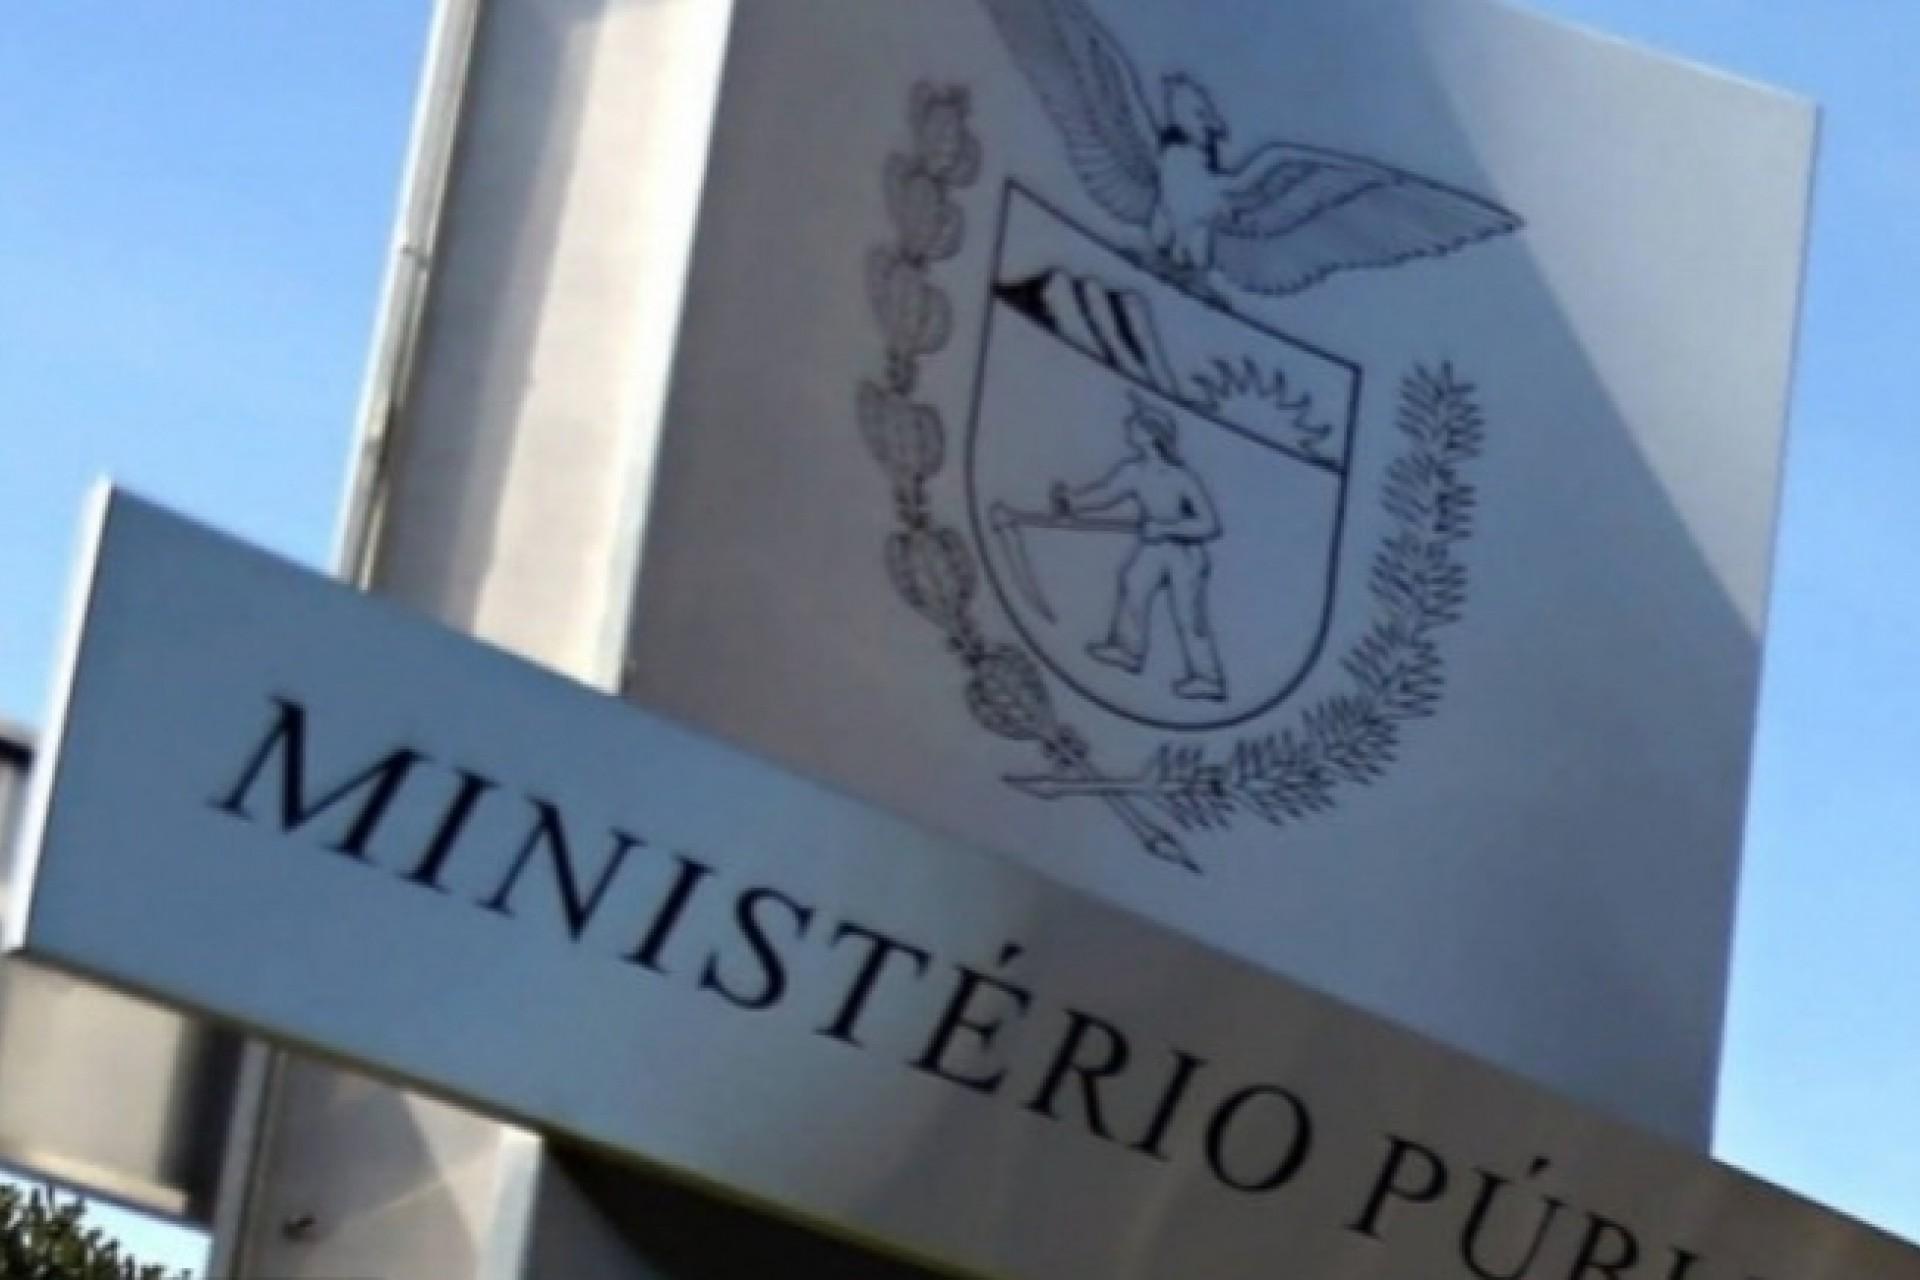 Operação Retro Case: Promotoria de Justiça de Medianeira oferece denúncia contra 13 pessoas